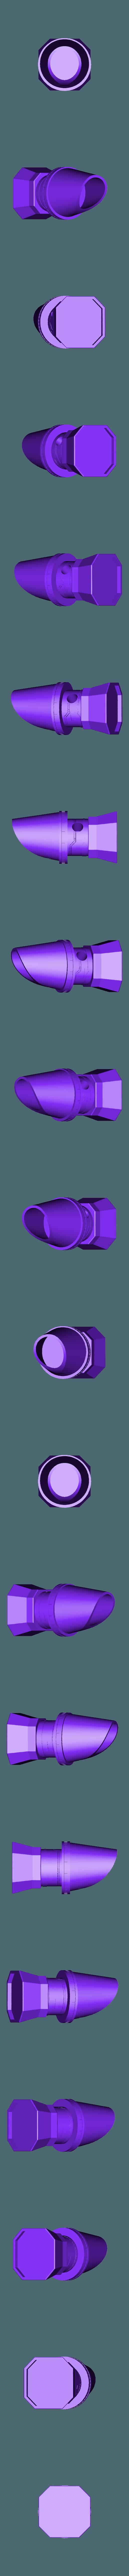 Scope.stl Télécharger fichier STL gratuit Borderlands Bandit Room Clener Shotgun • Modèle pour impression 3D, Dsk